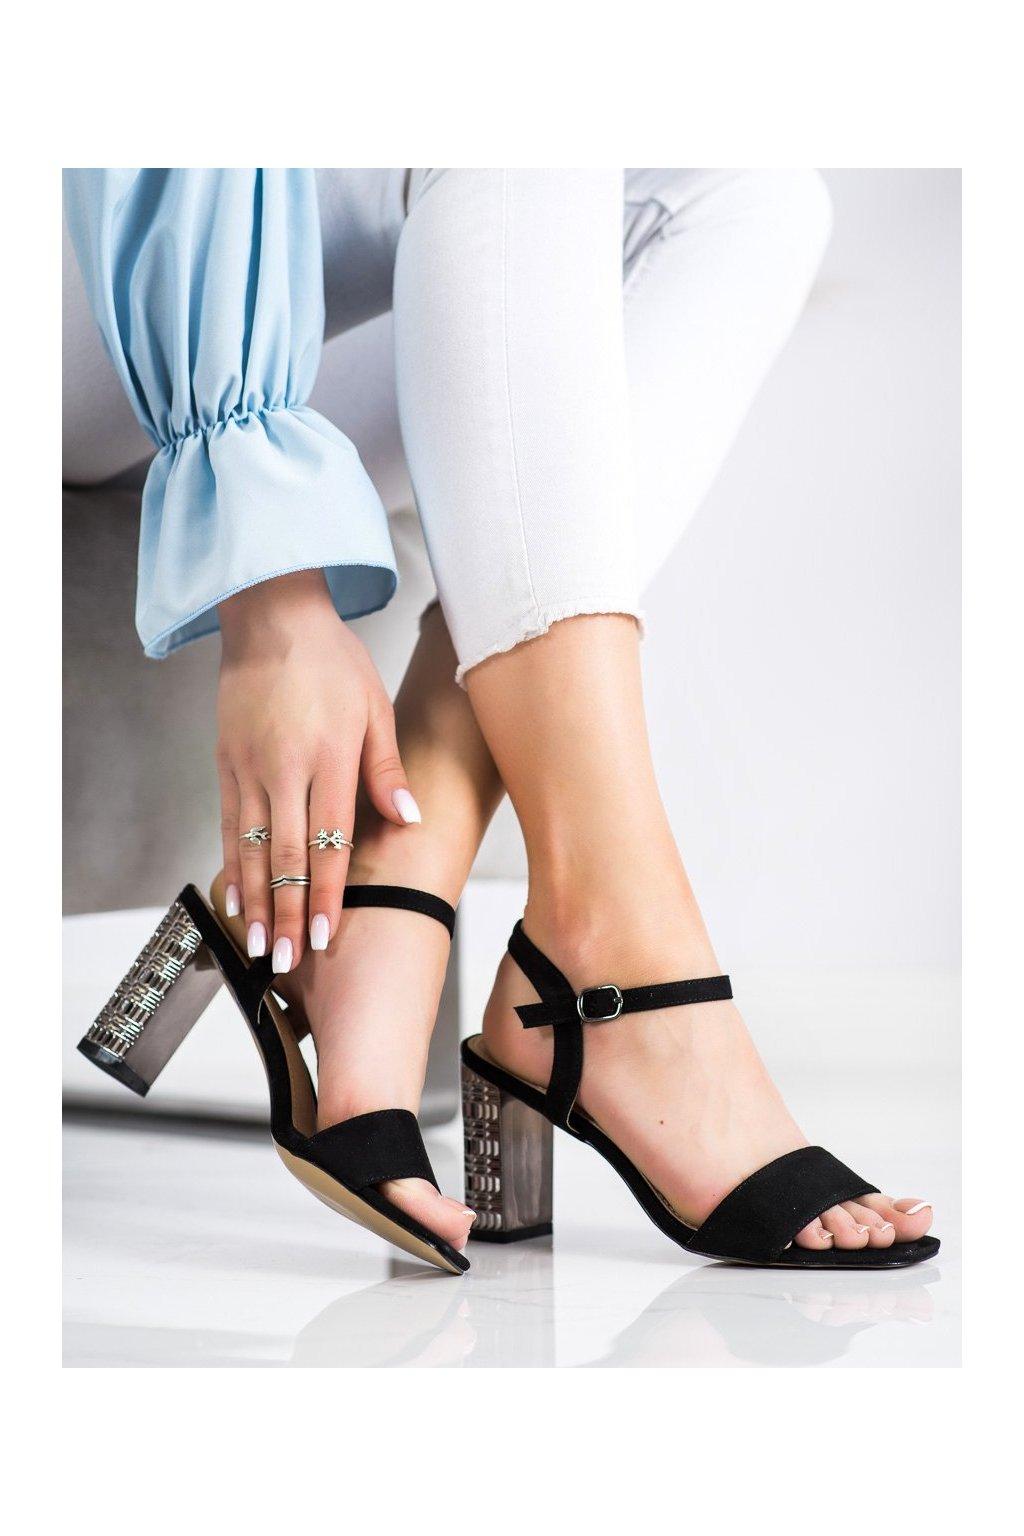 Čierne sandále na podpätku S. barski kod LJ261B